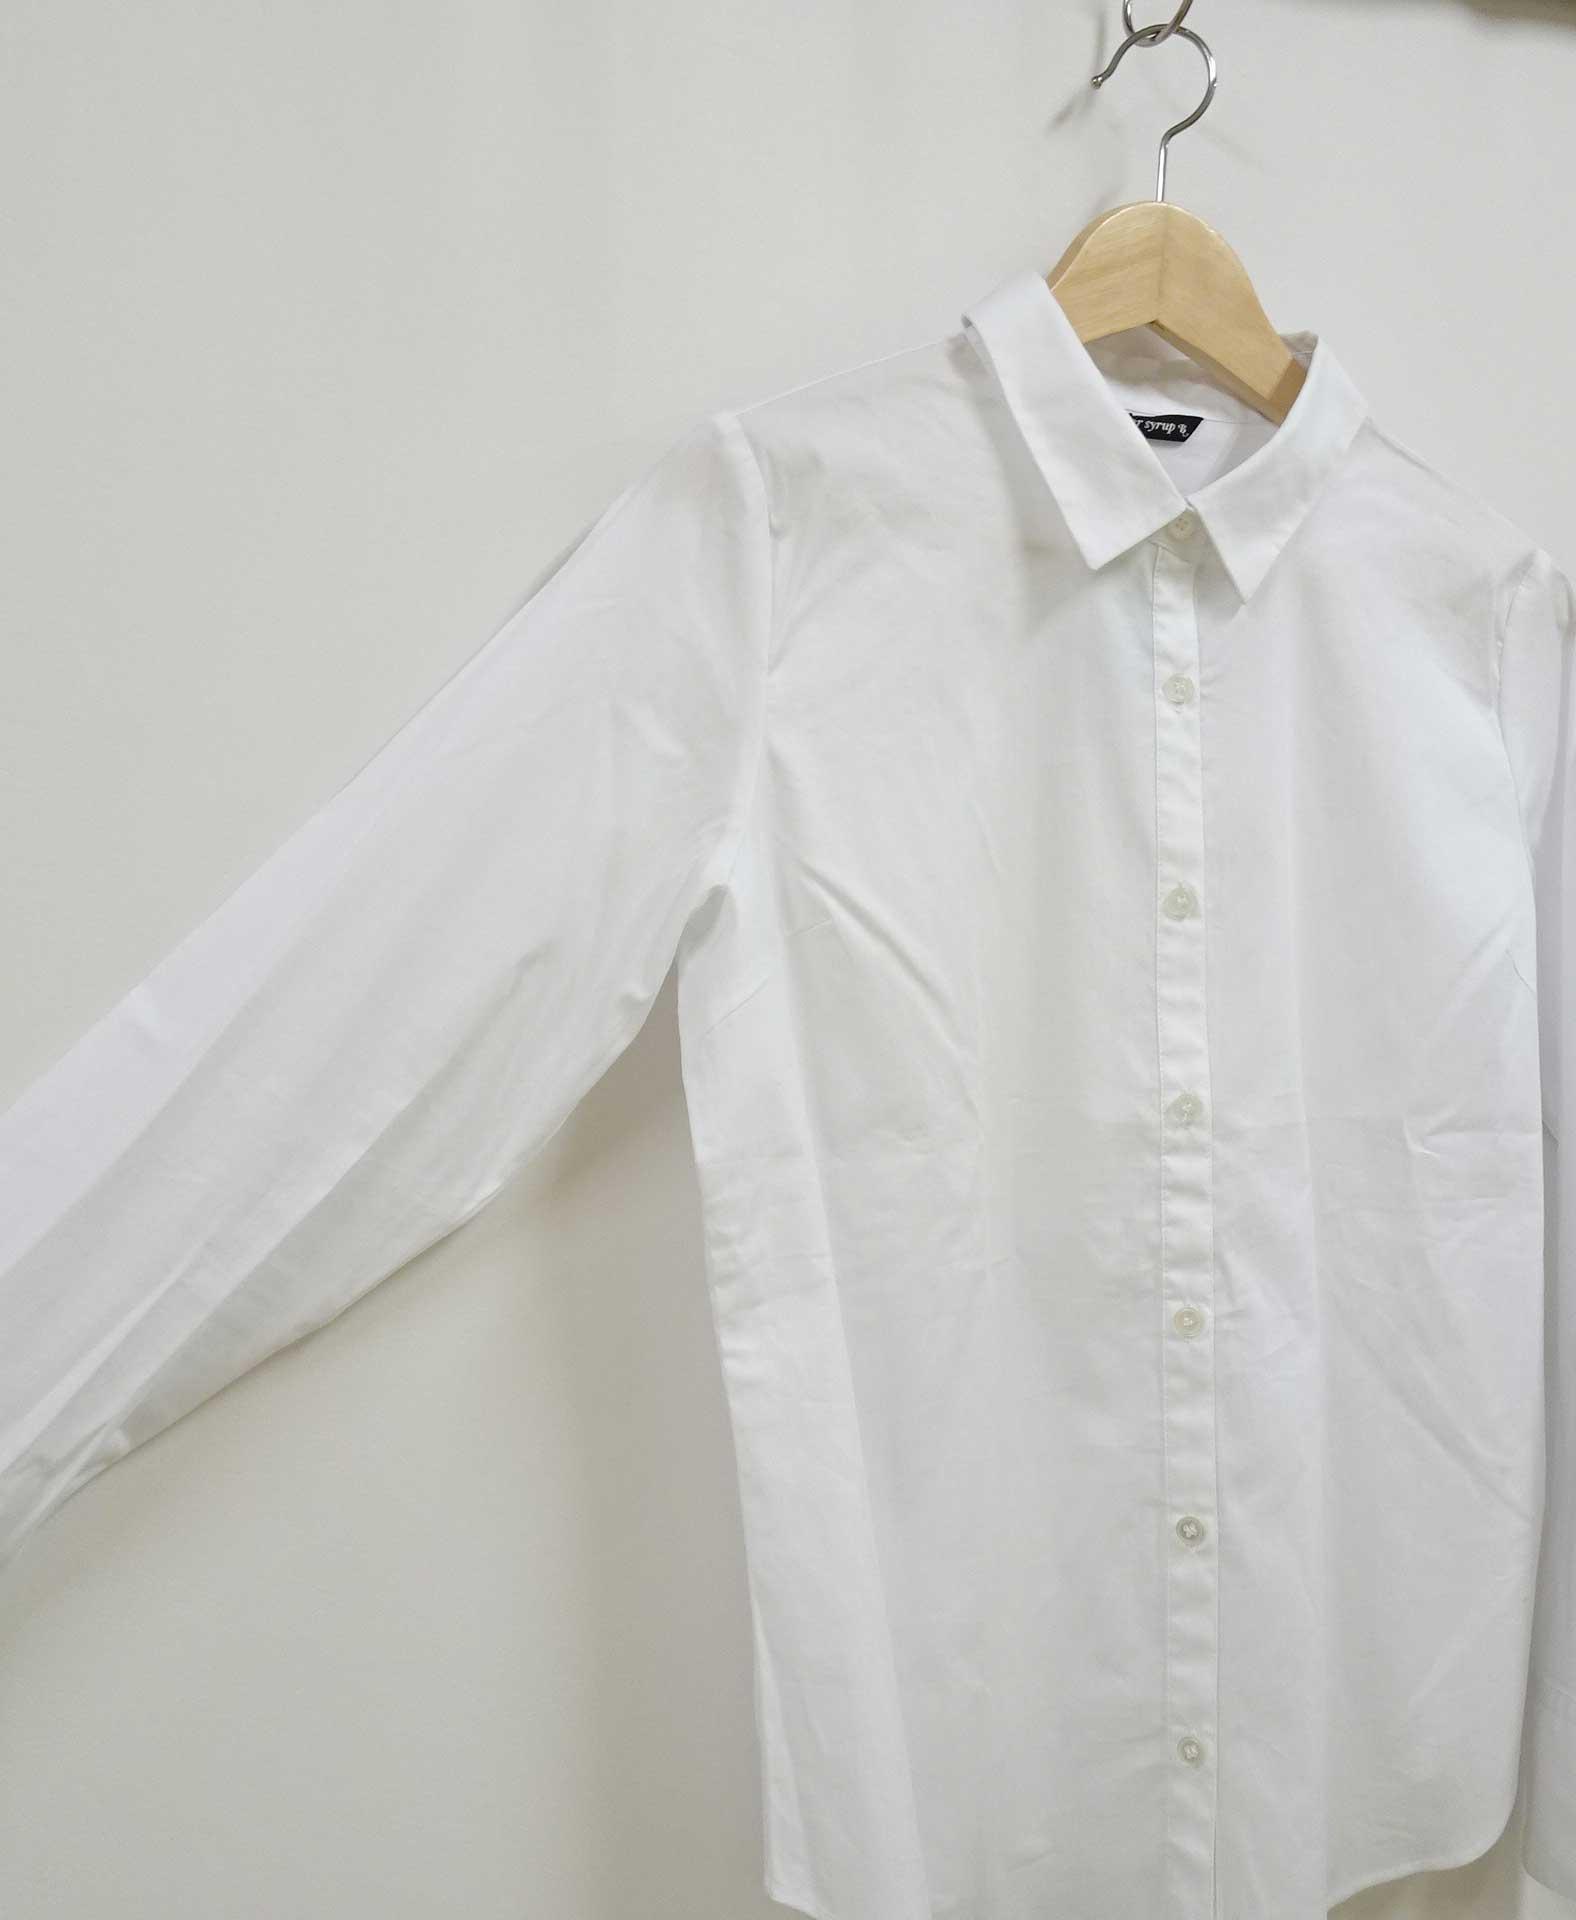 襟付きの白いシャツ